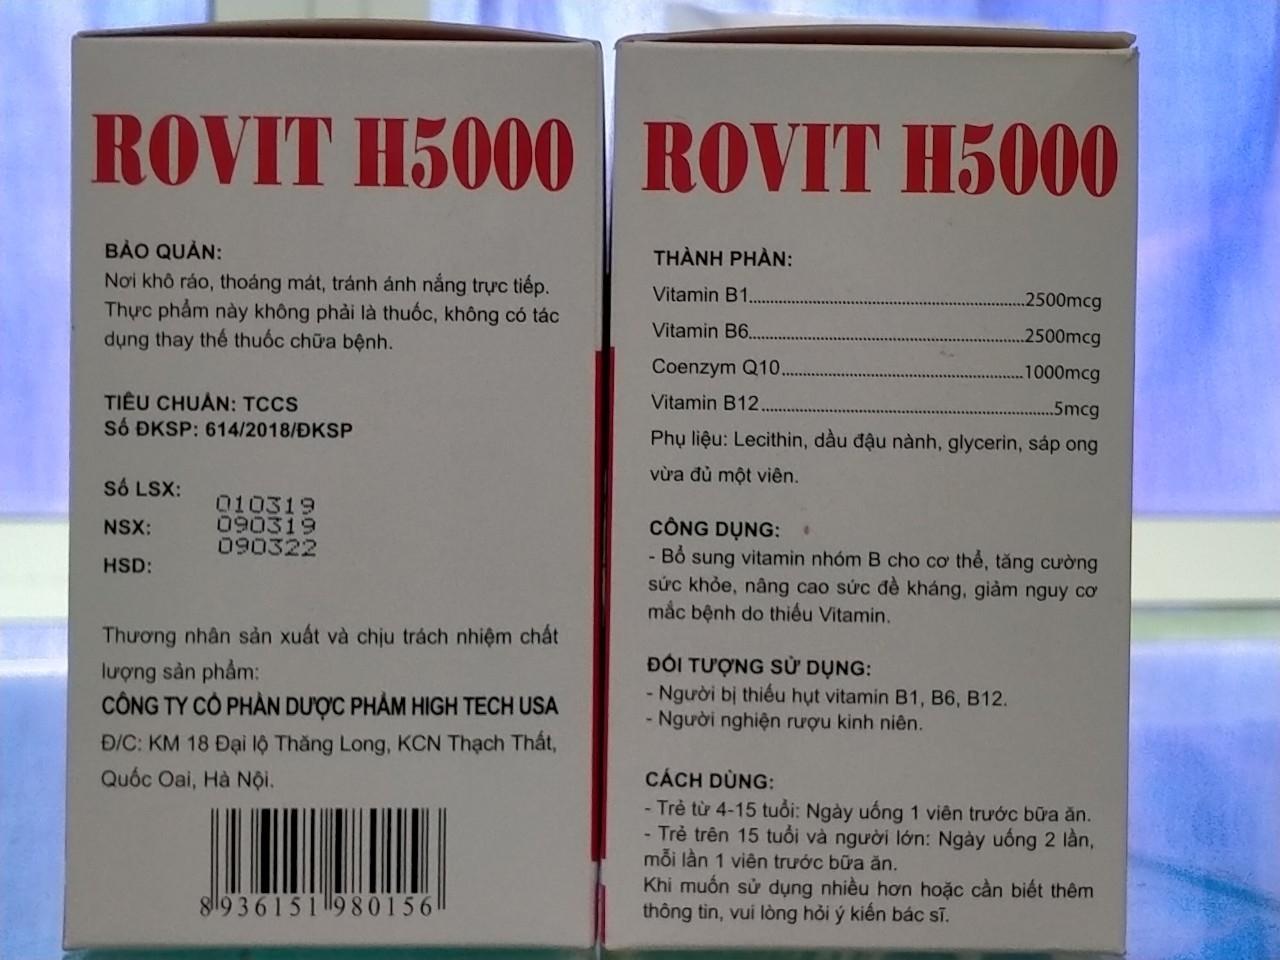 Bổ sung vitamin nhóm B cho cơ thể -  Rovit H5000 hộp 10 vỉ* 10 viên nang mềm